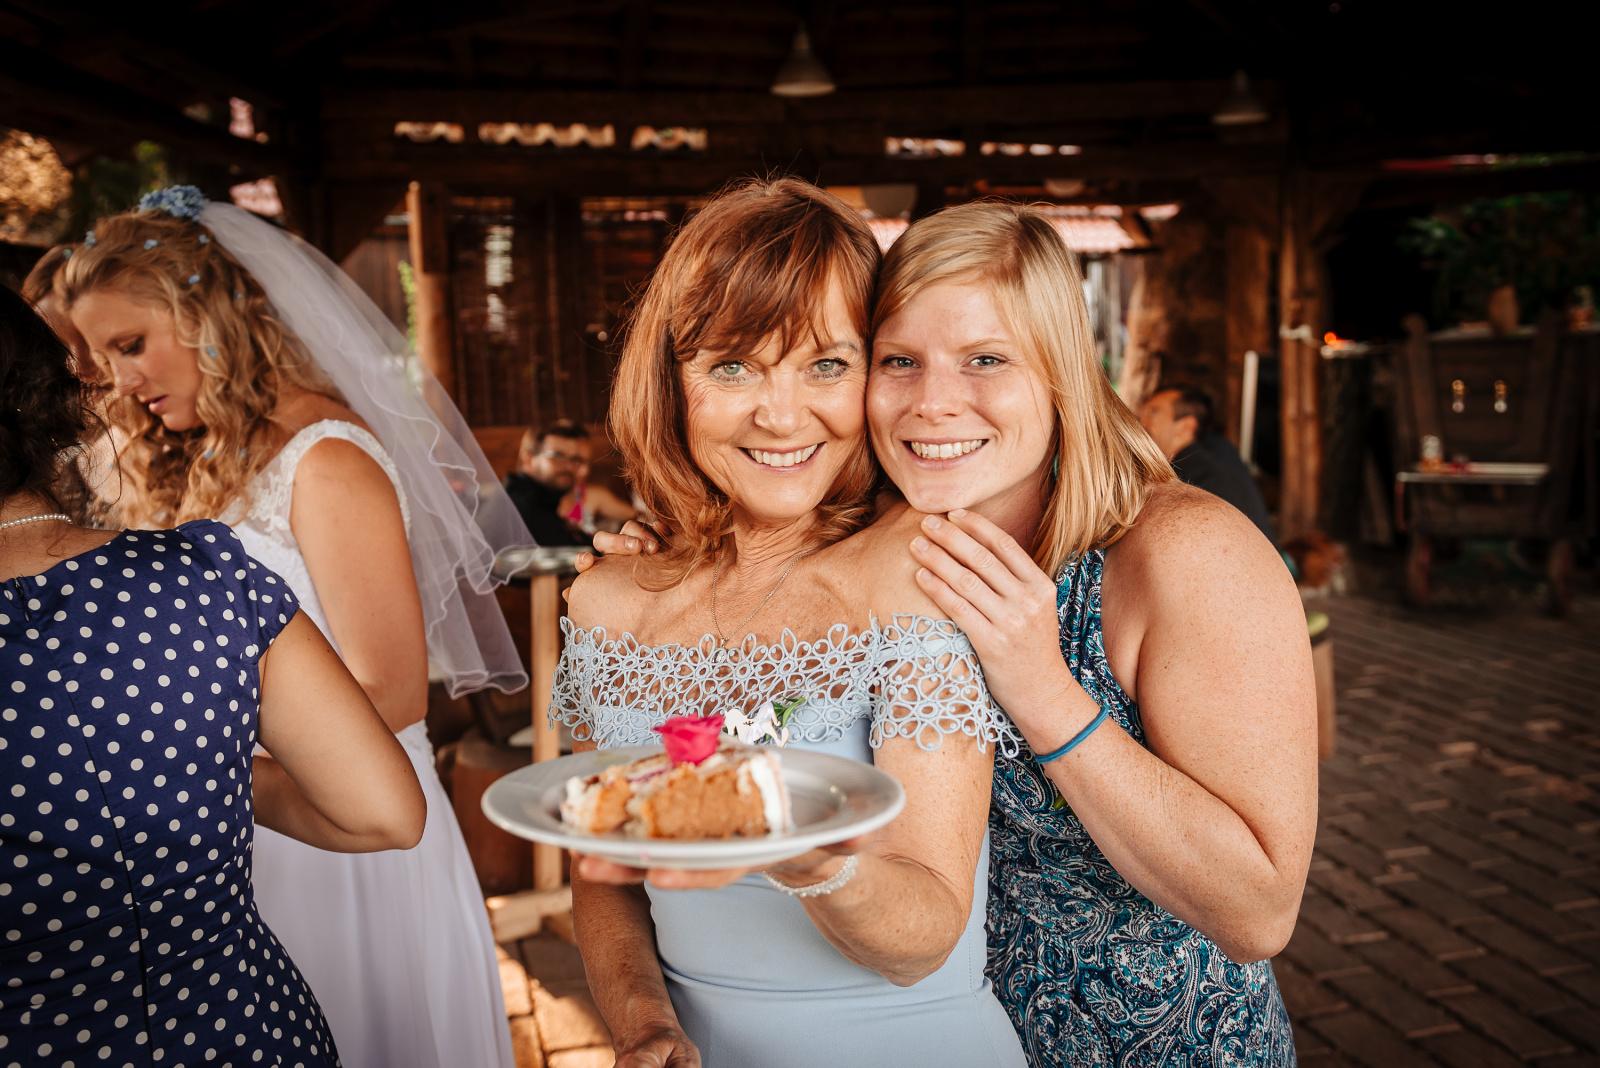 svatební fotografie s kouskem dortu